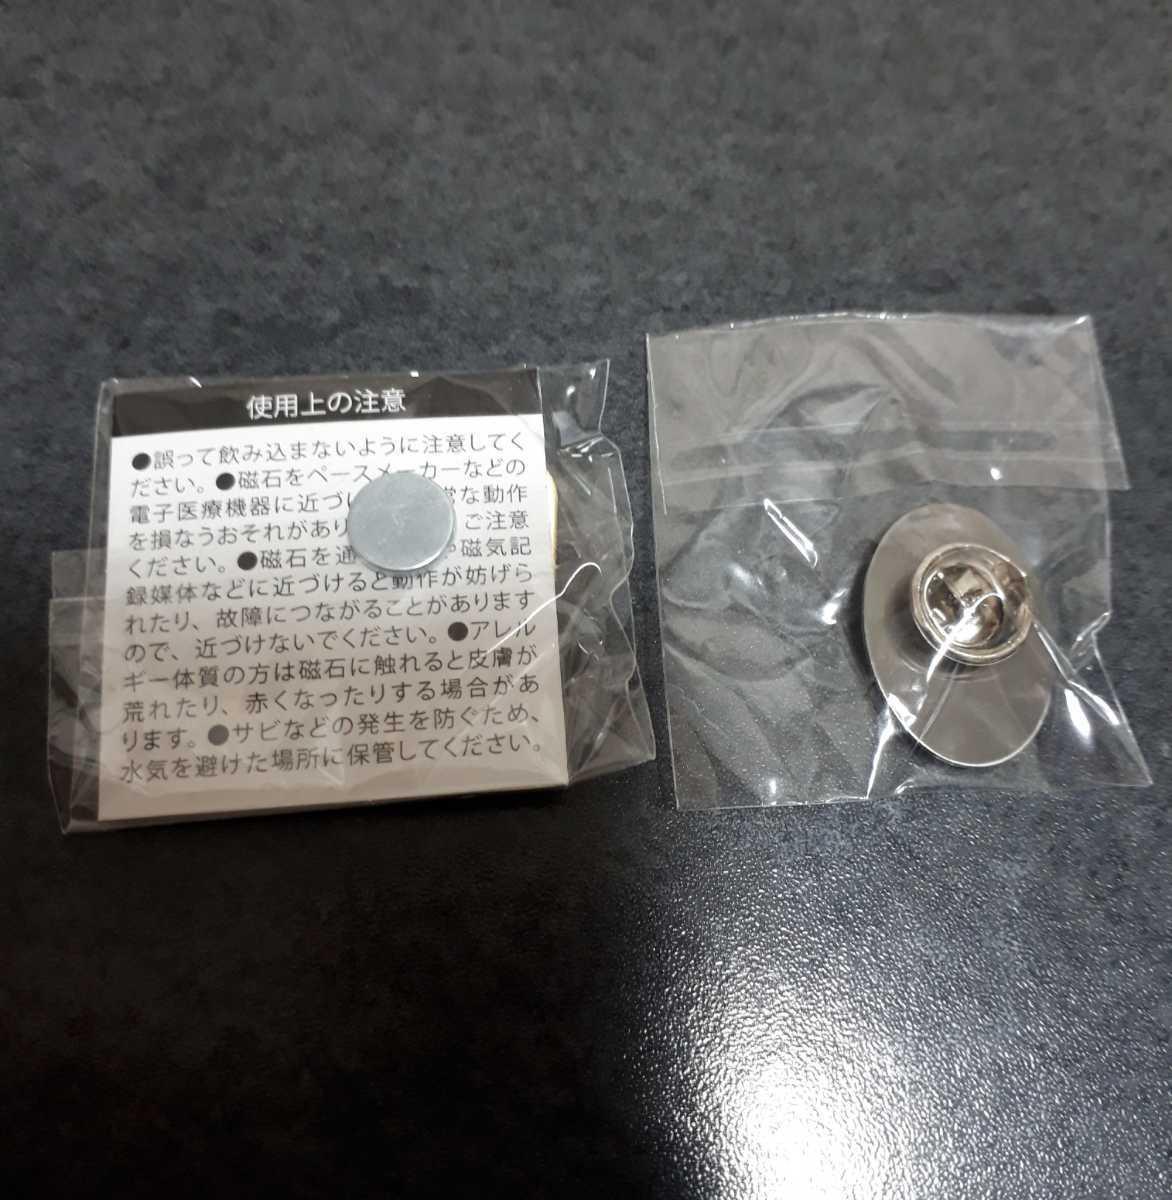 ピンバッチ 東京オリンピック 2020 ワールドカップ ラグビー 2個セット ピンバッジ ピンズ 未使用